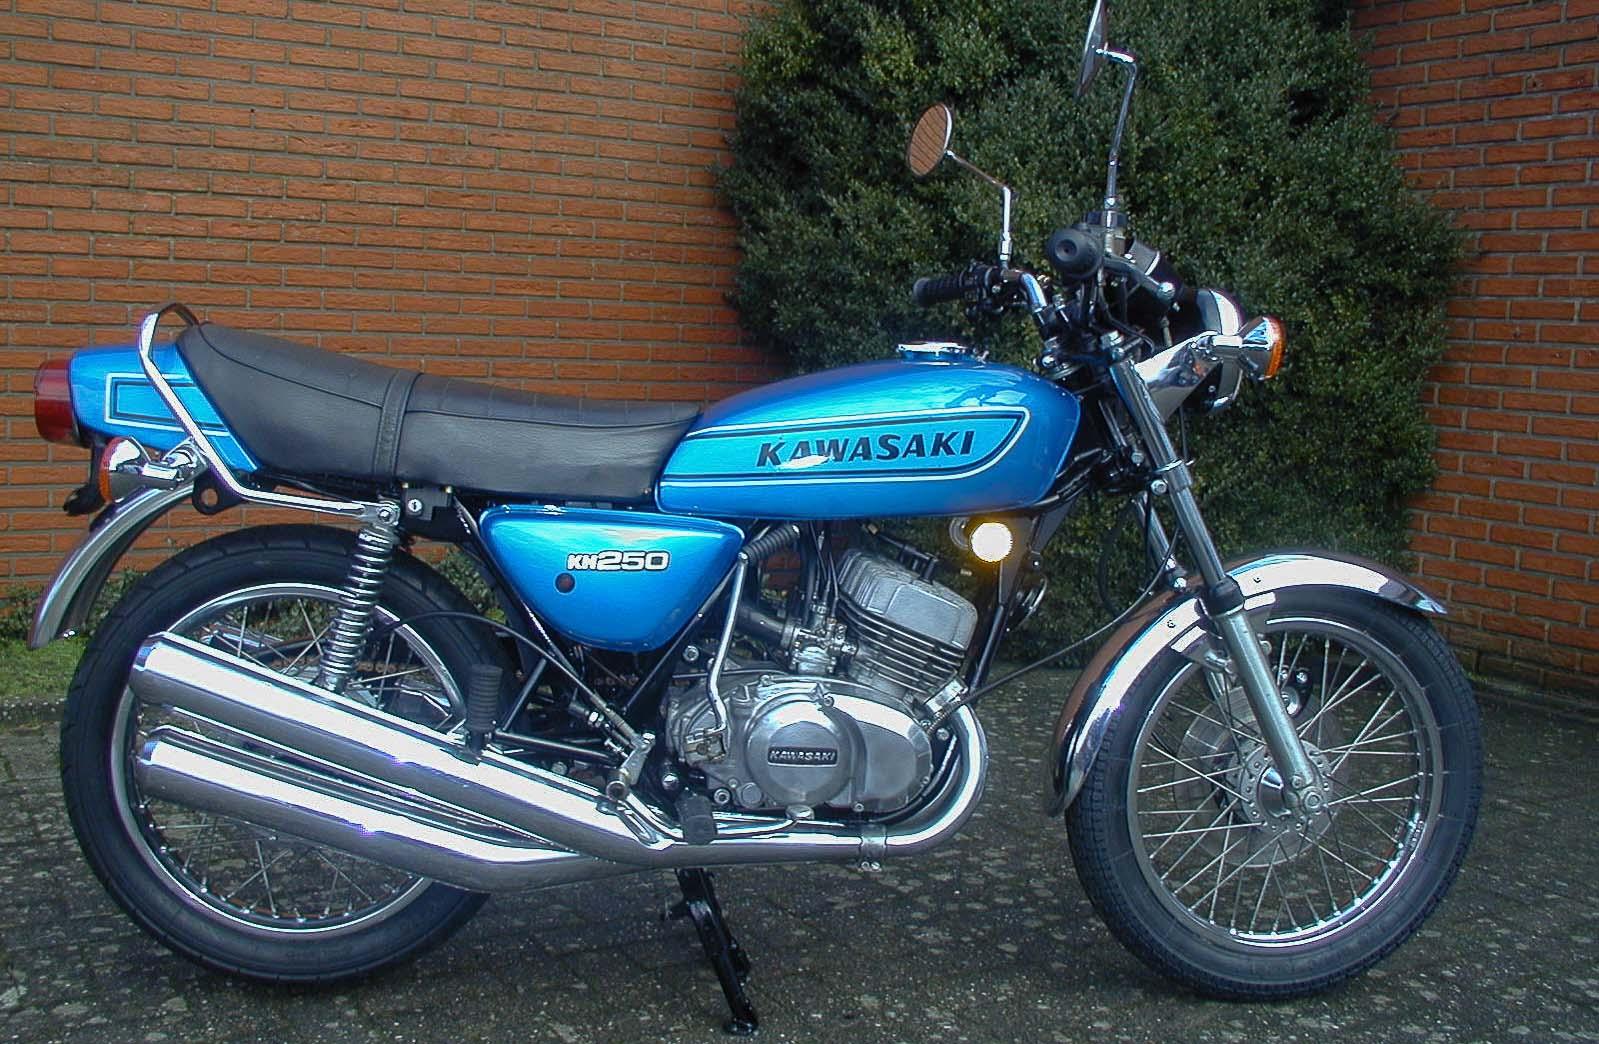 KAWASAKI KH 250 (1976-1978)